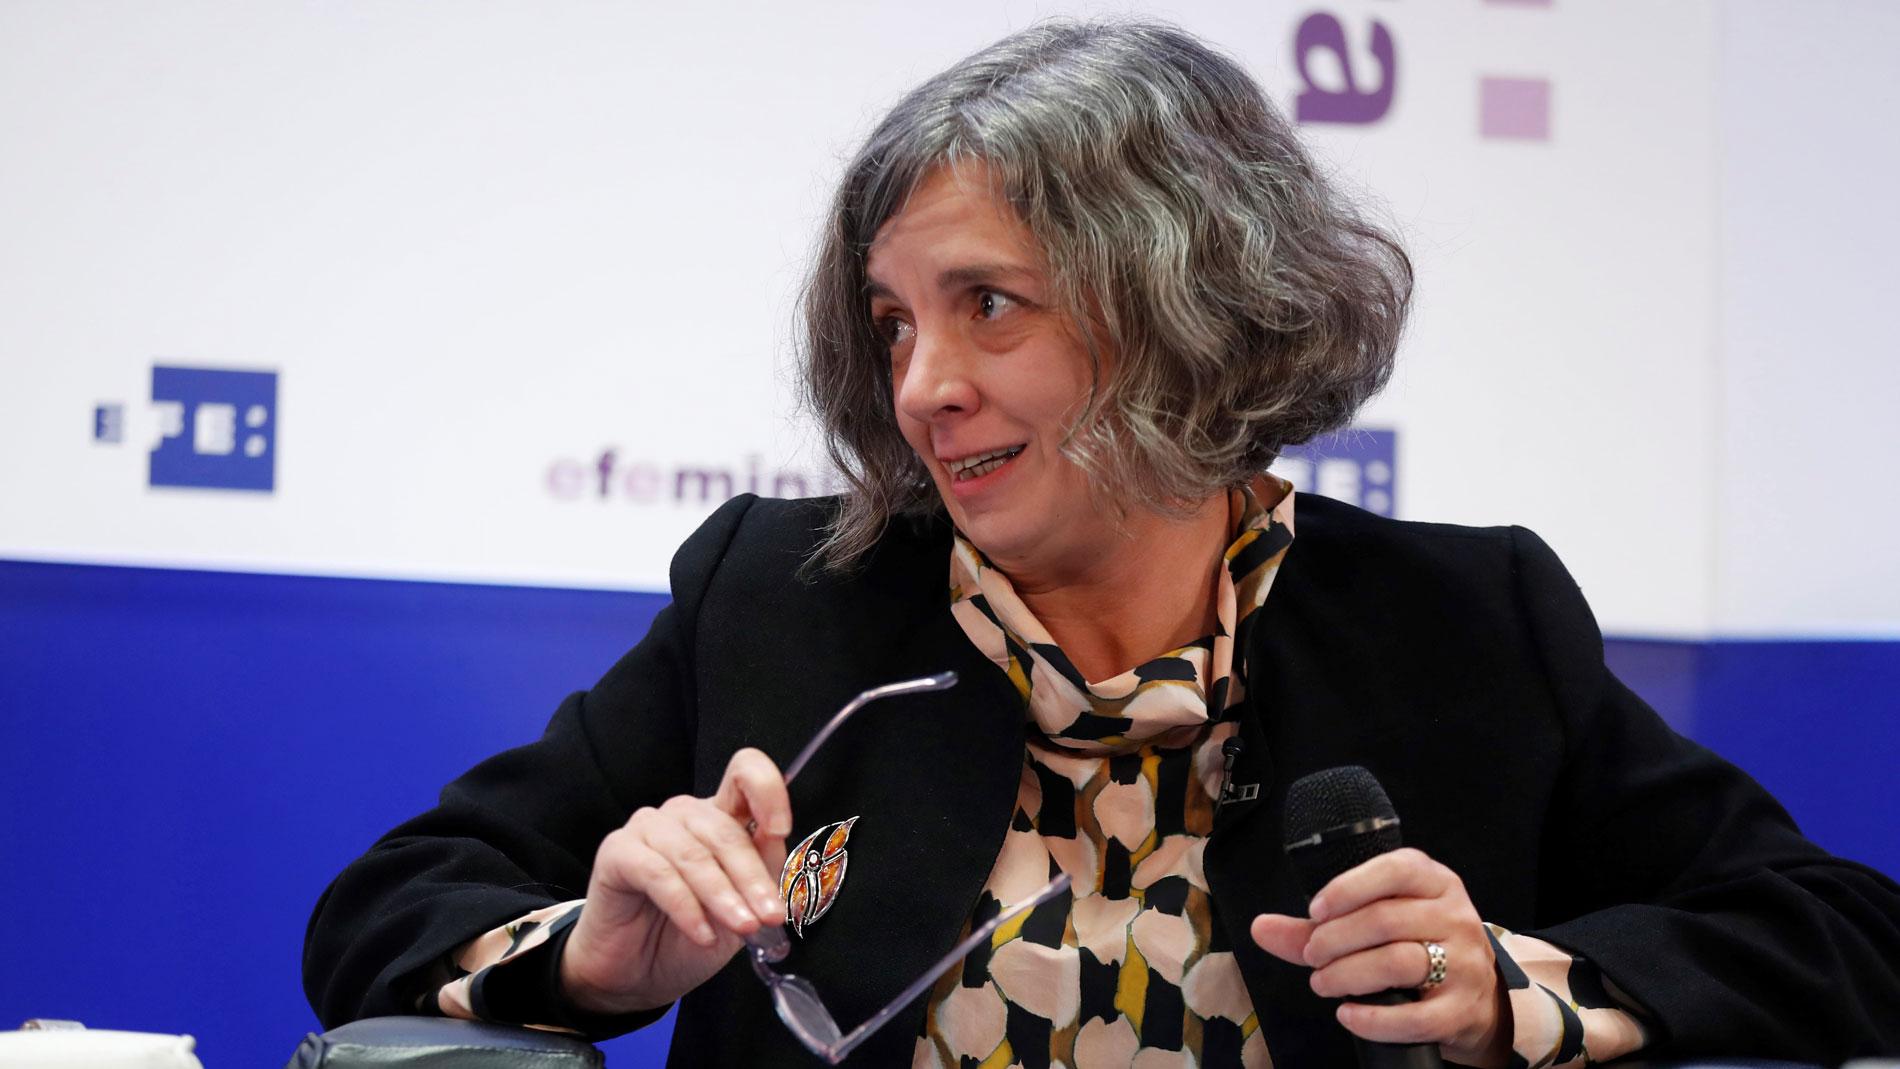 Asociaciones De Mujeres En Contra De La Sentencia De La Manada De Manresa